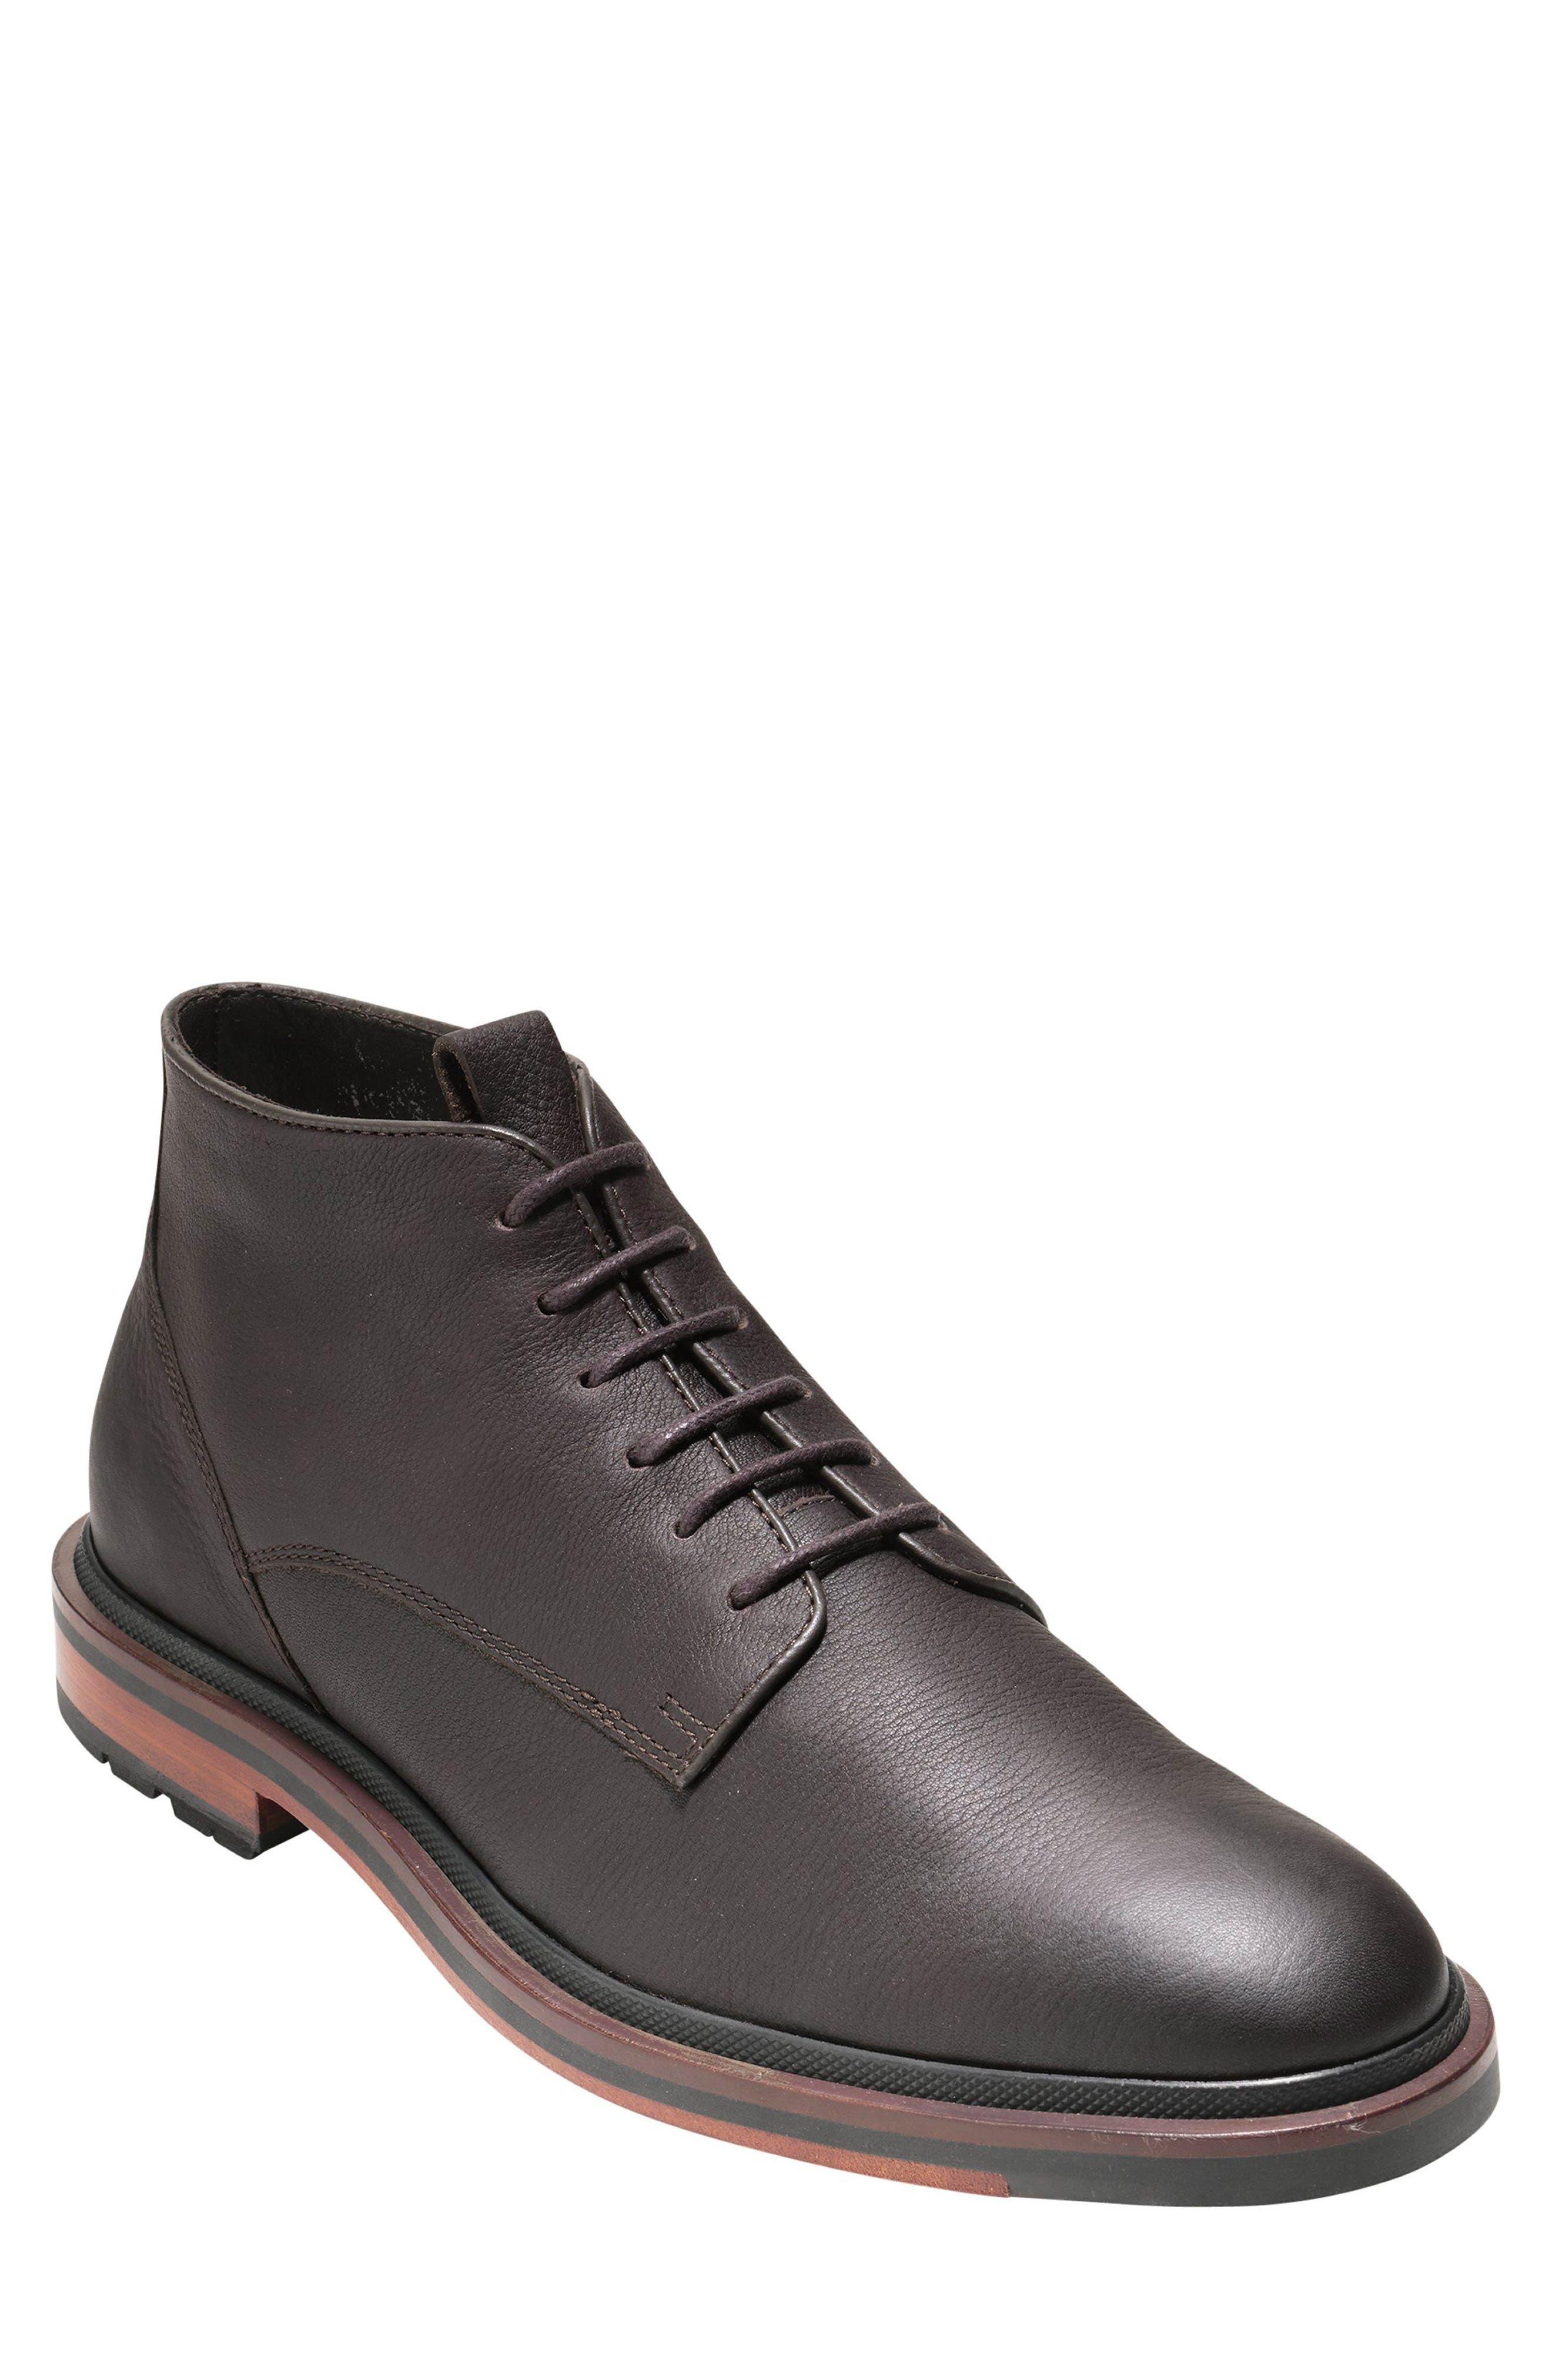 Cole Haan 'Cranston' Water Resistant Chukka Boot (Men)